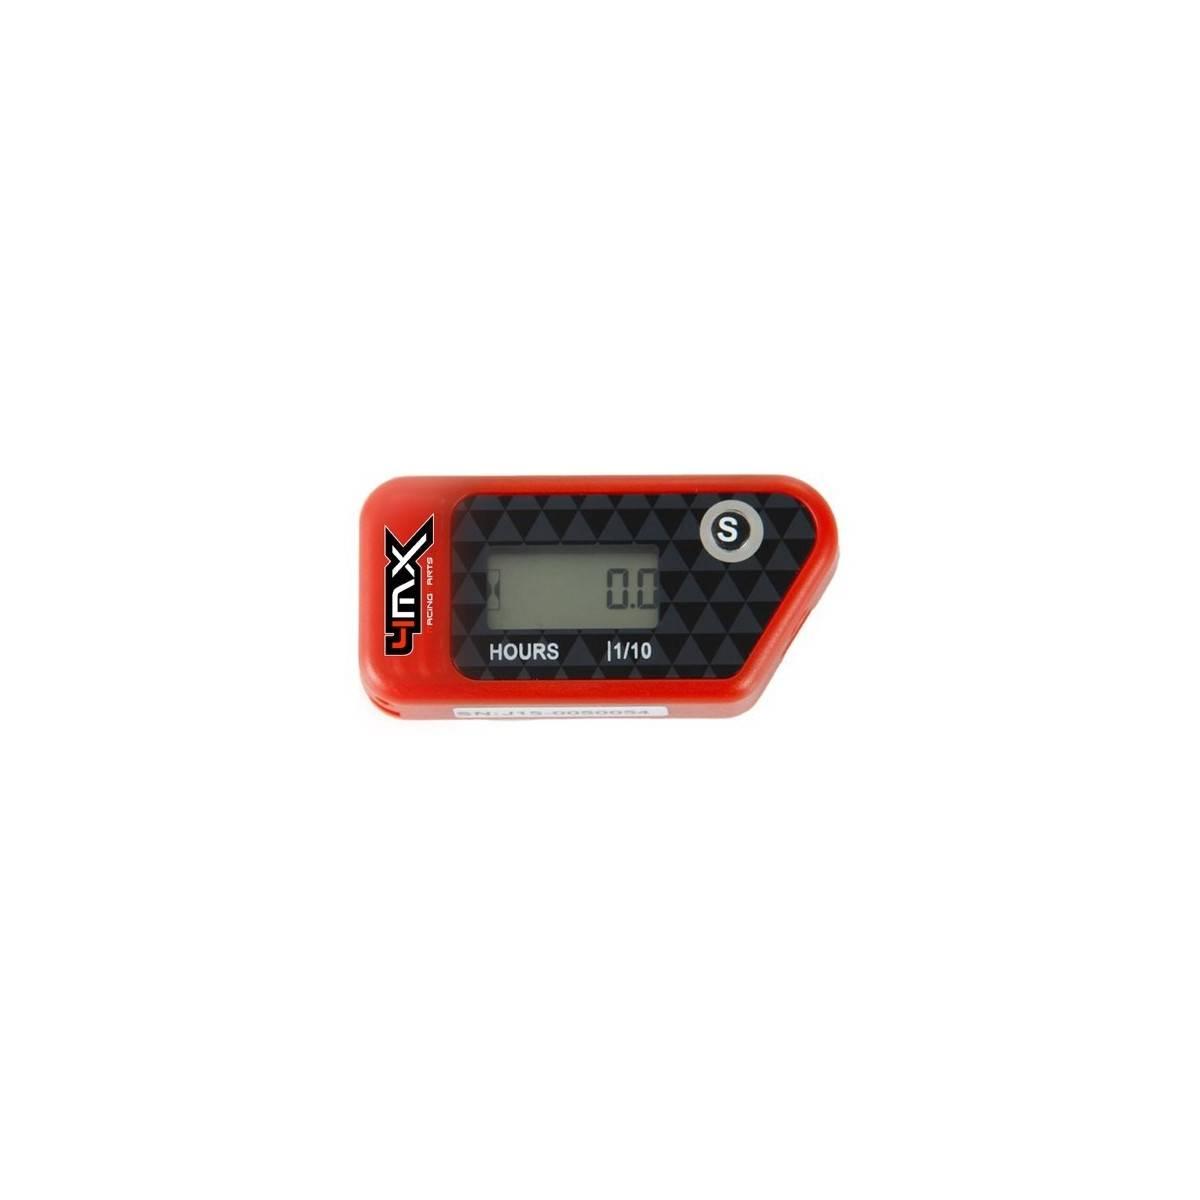 4MXWHM-RO - Reloj Cuenta Horas 4Mx Vibracion Rojo